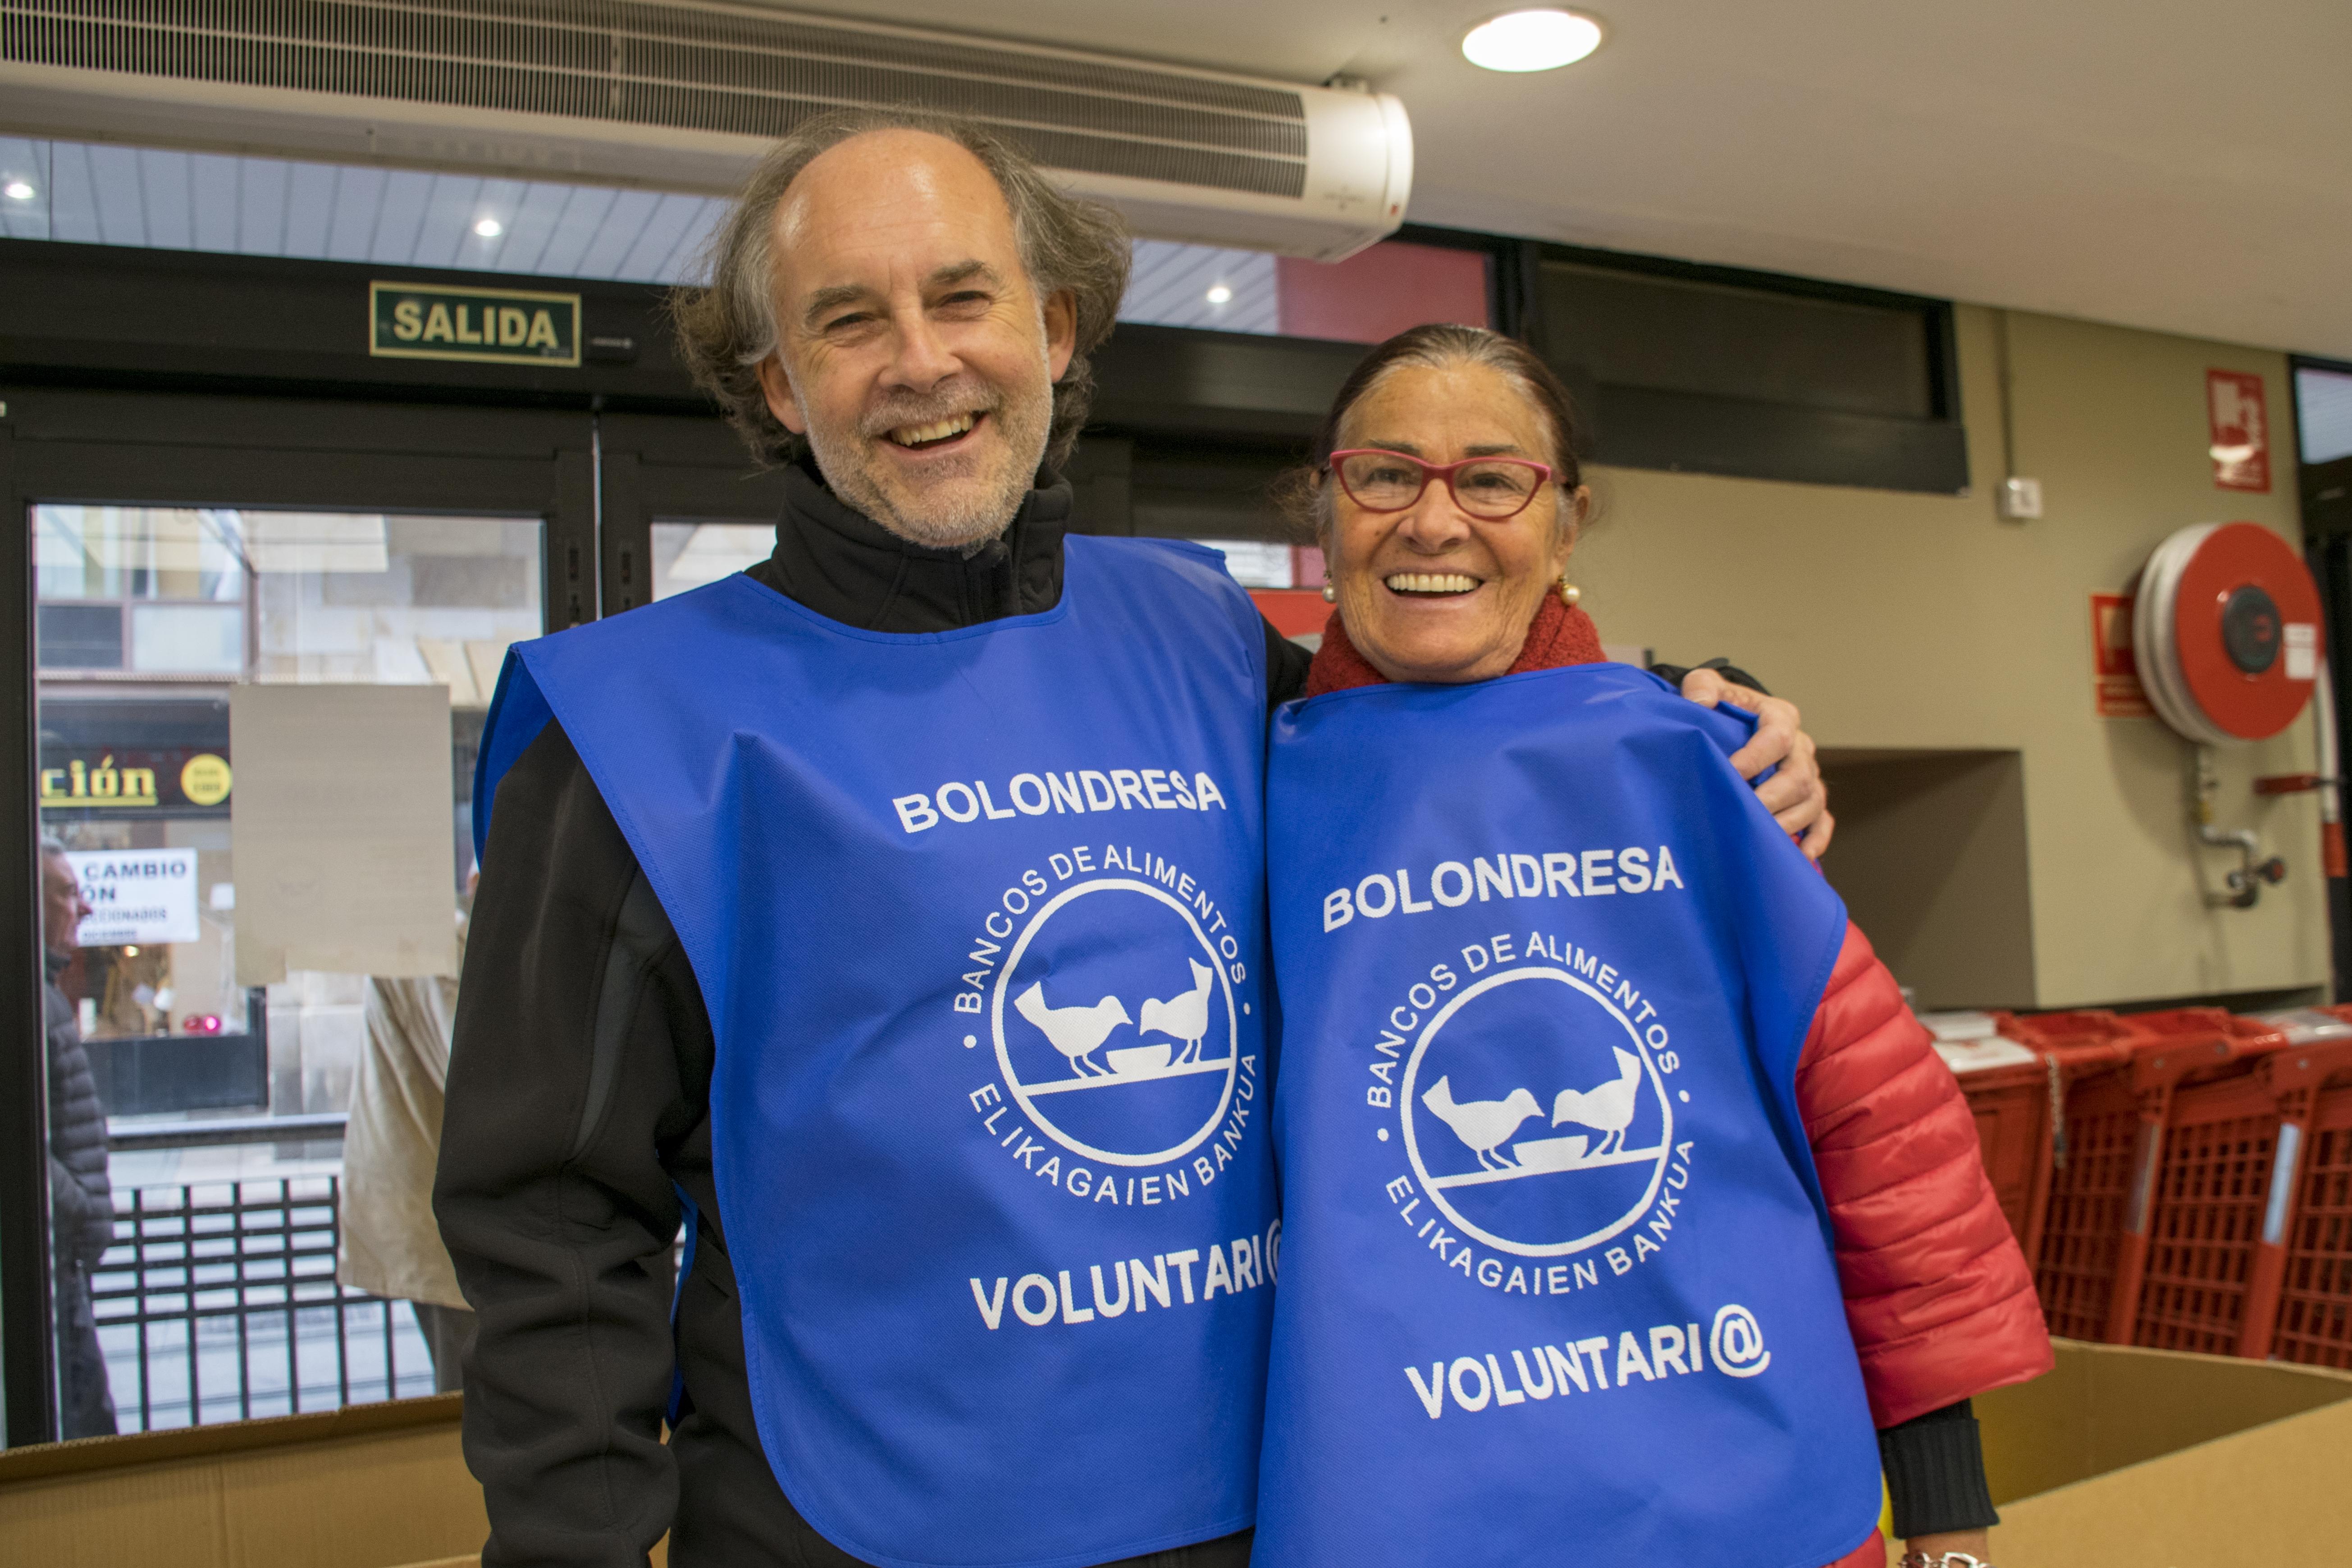 Voluntarios recogida de alimentos en Vitoria 2018